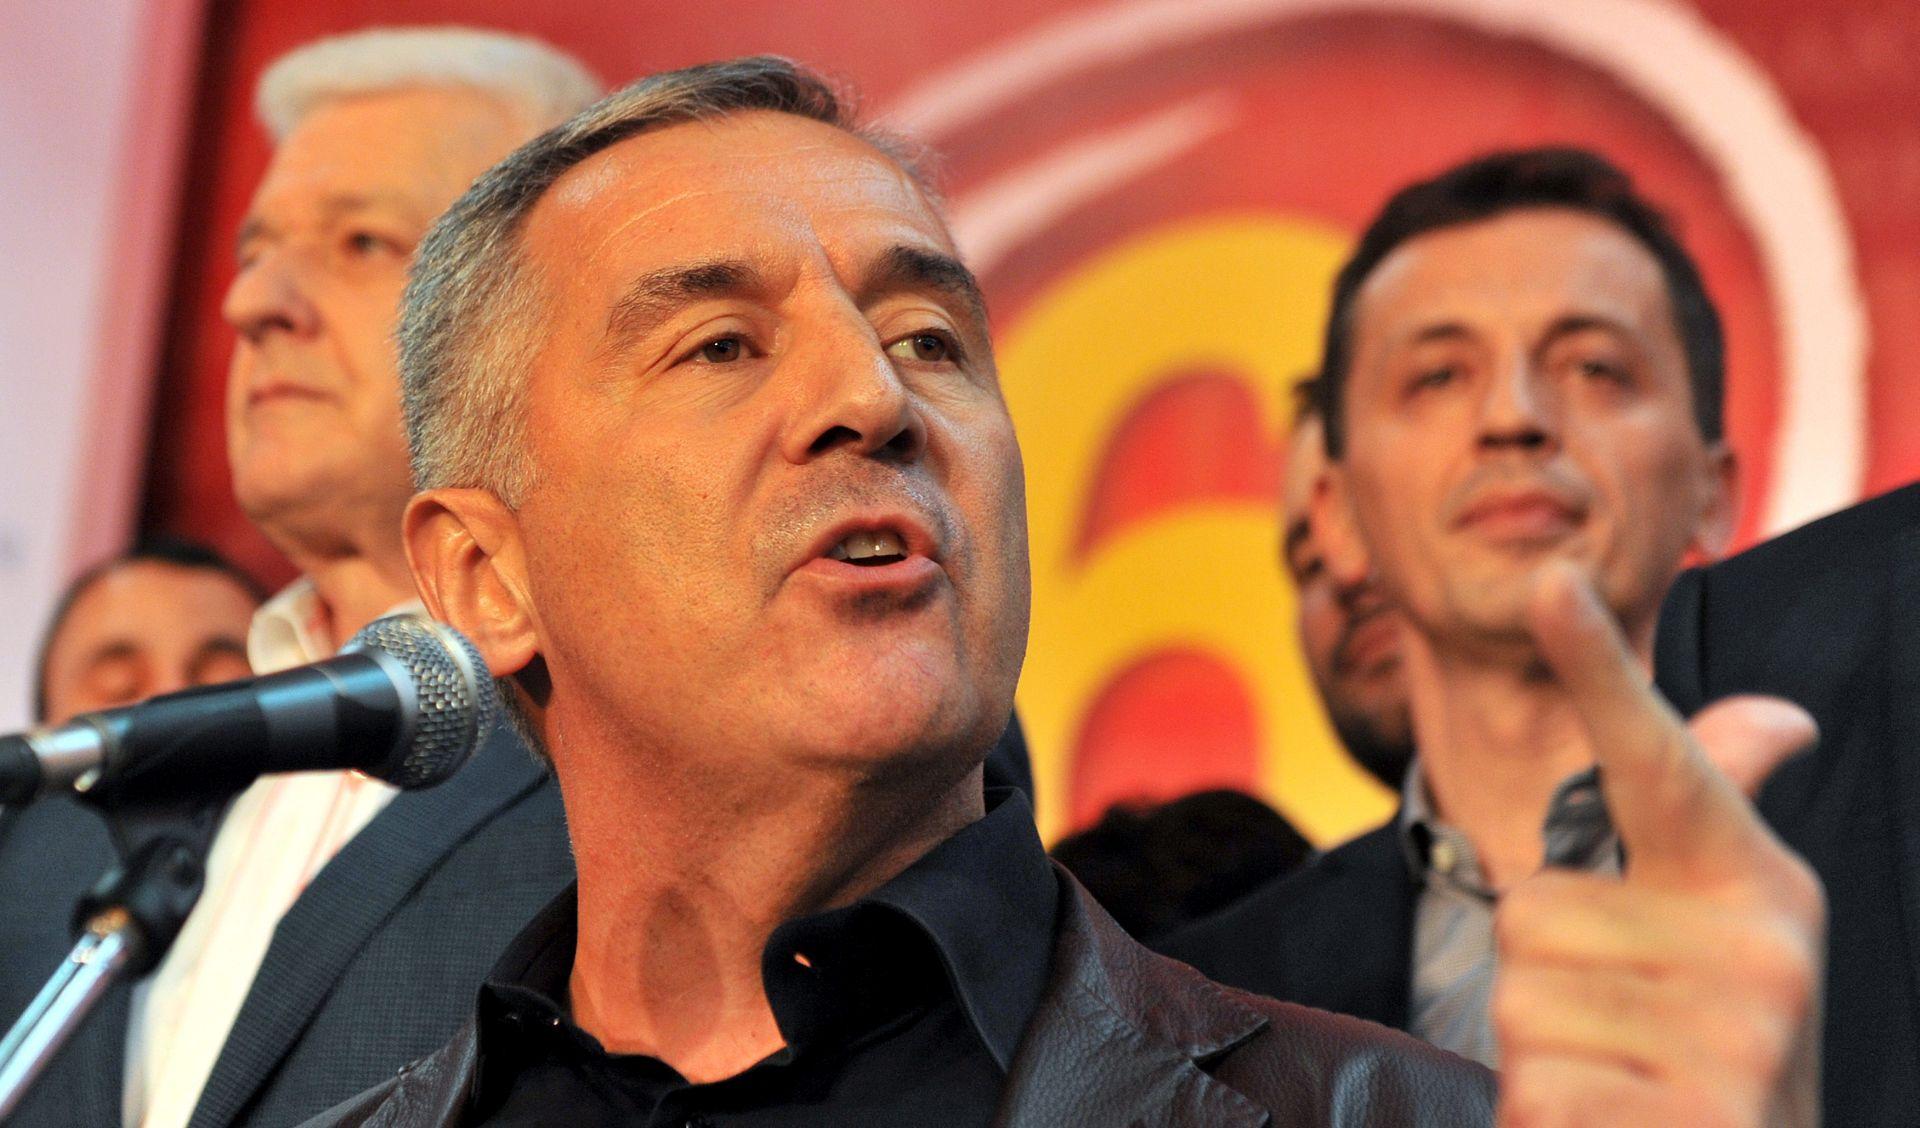 CRNOGORSKI TUŽITELJ 'Ruski nacionalisti pokušali srušiti vlast, planirali atentat na Đukanovića'